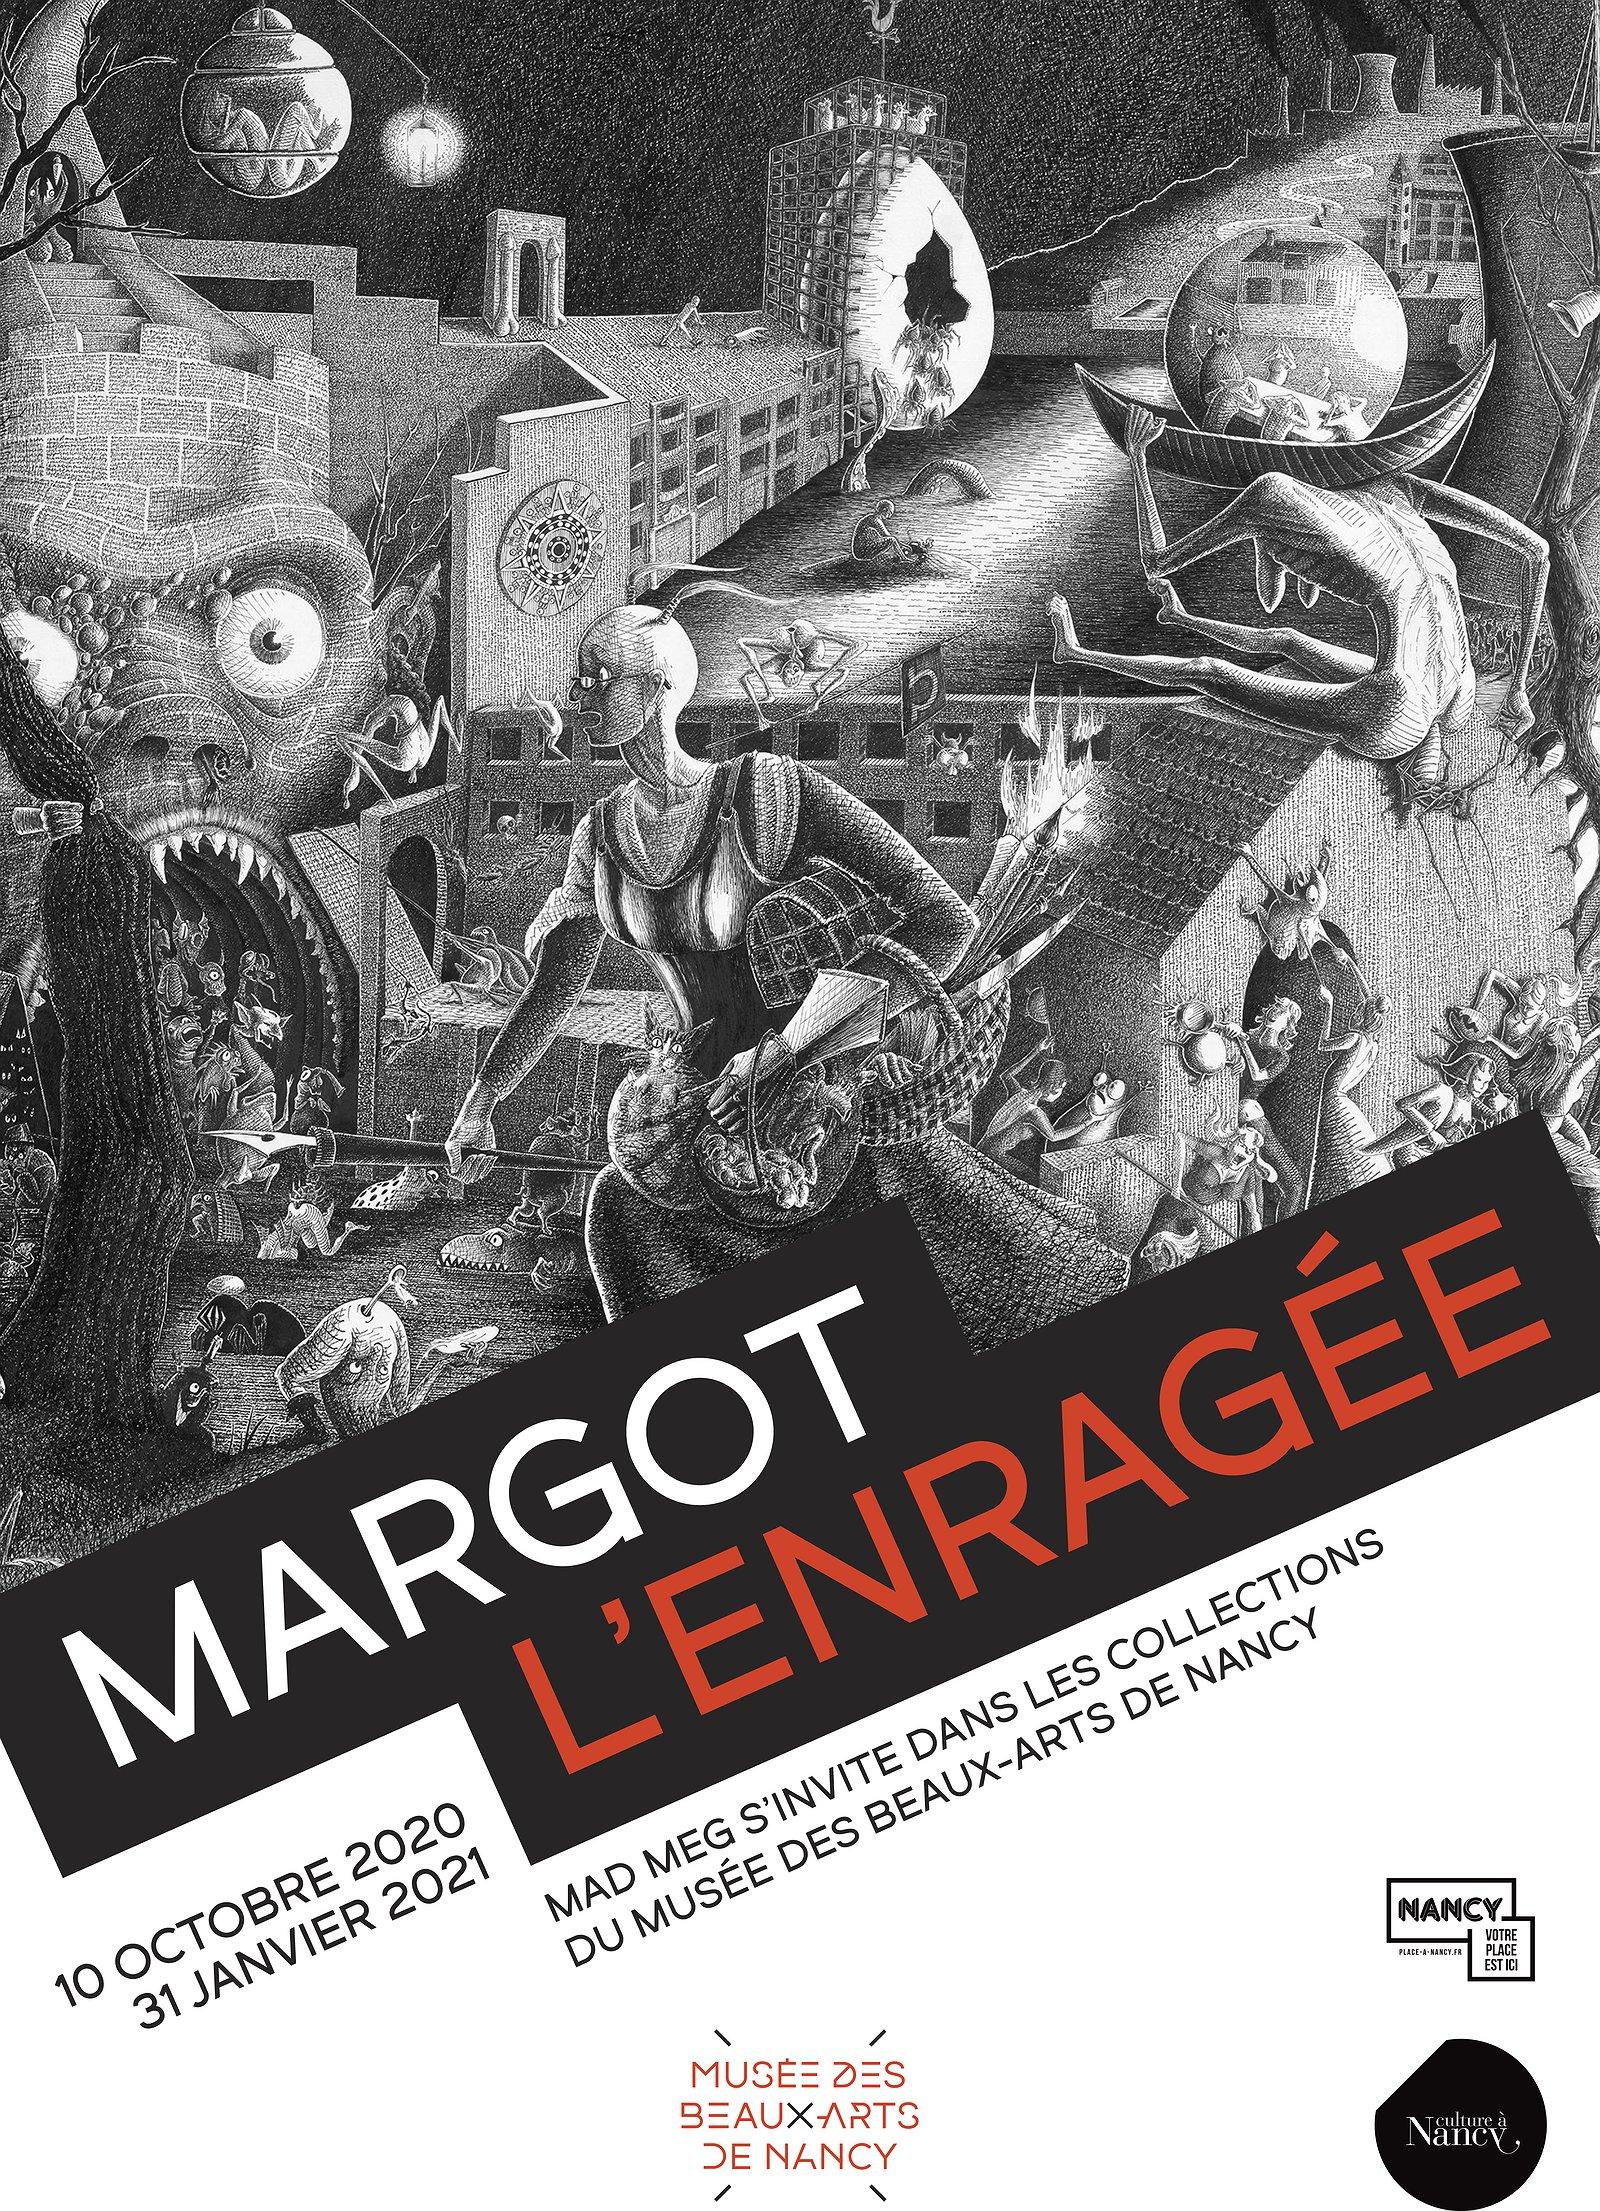 Margot L'Enragée